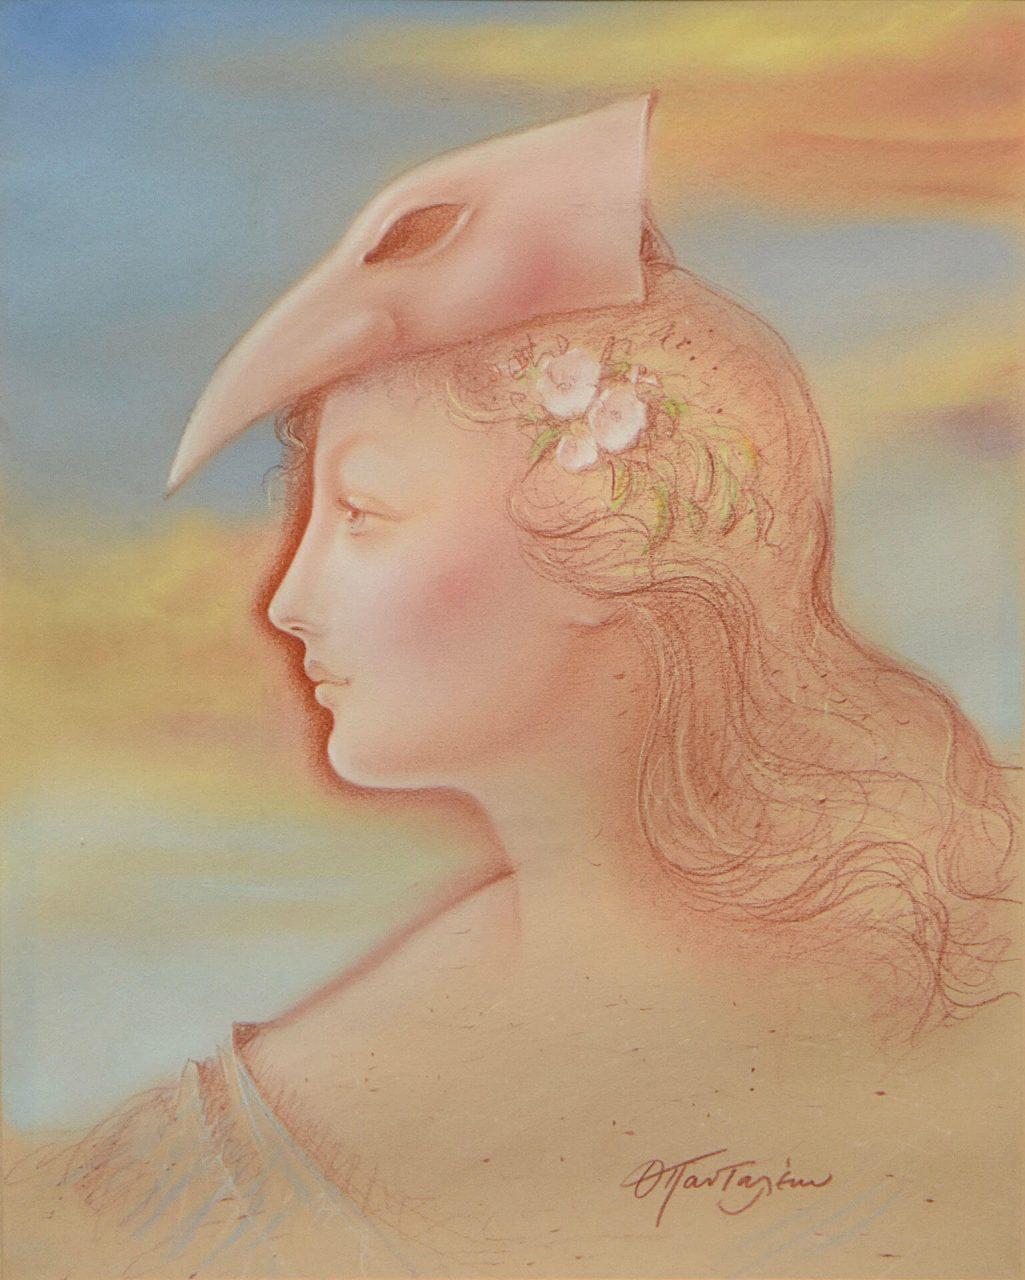 122.ΠΑΝΤΑΛΕΩΝ Θεόδωρος  (1945)